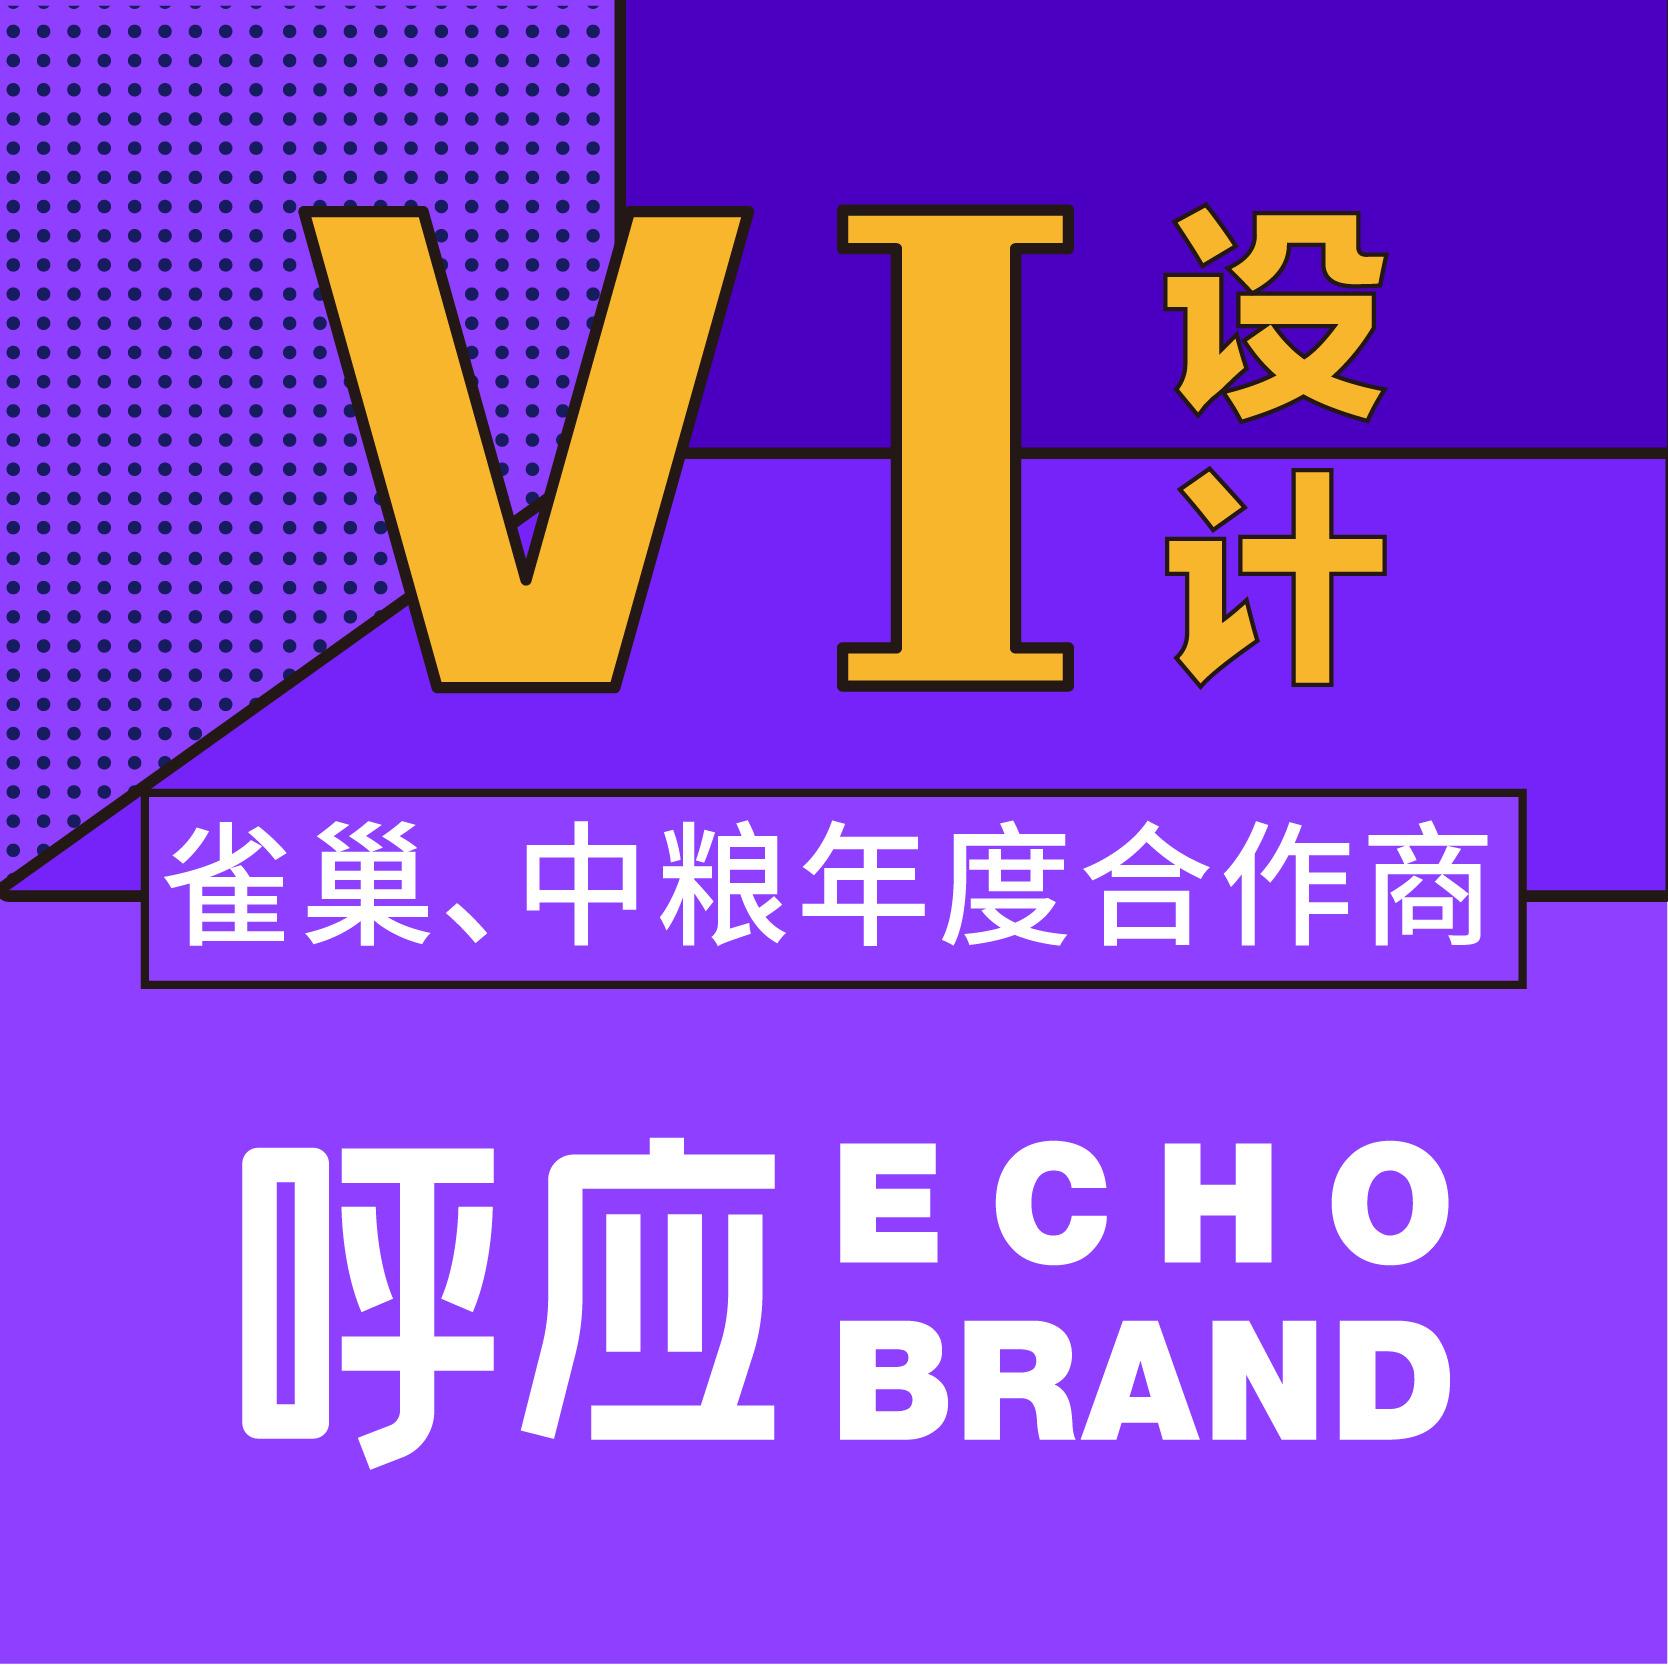 教育培训企业行业 vi设计 公司 VI 应用系统 设计  VI S 设计 升级